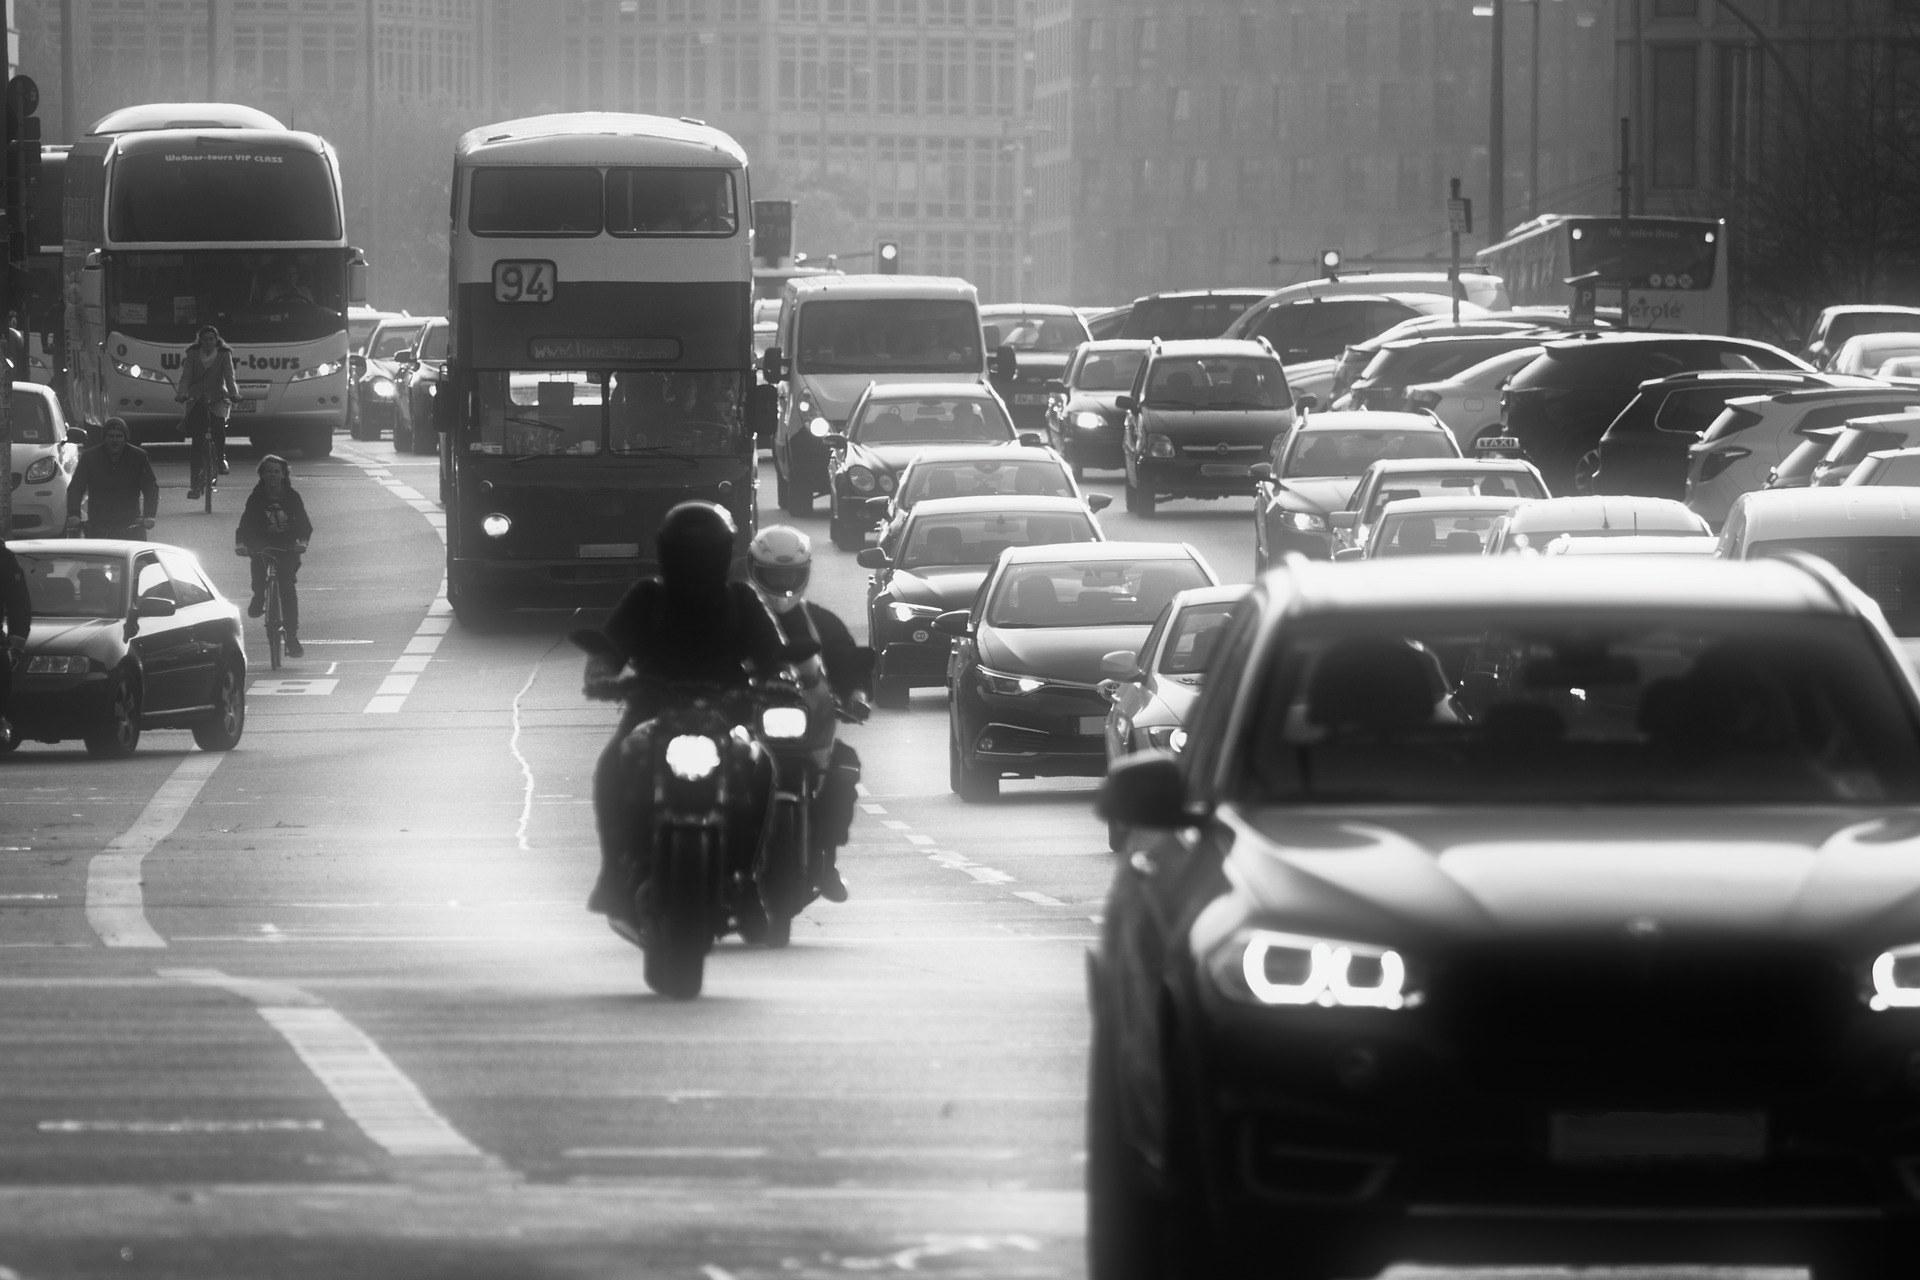 Diesel Dominates Despite Environmental Concerns